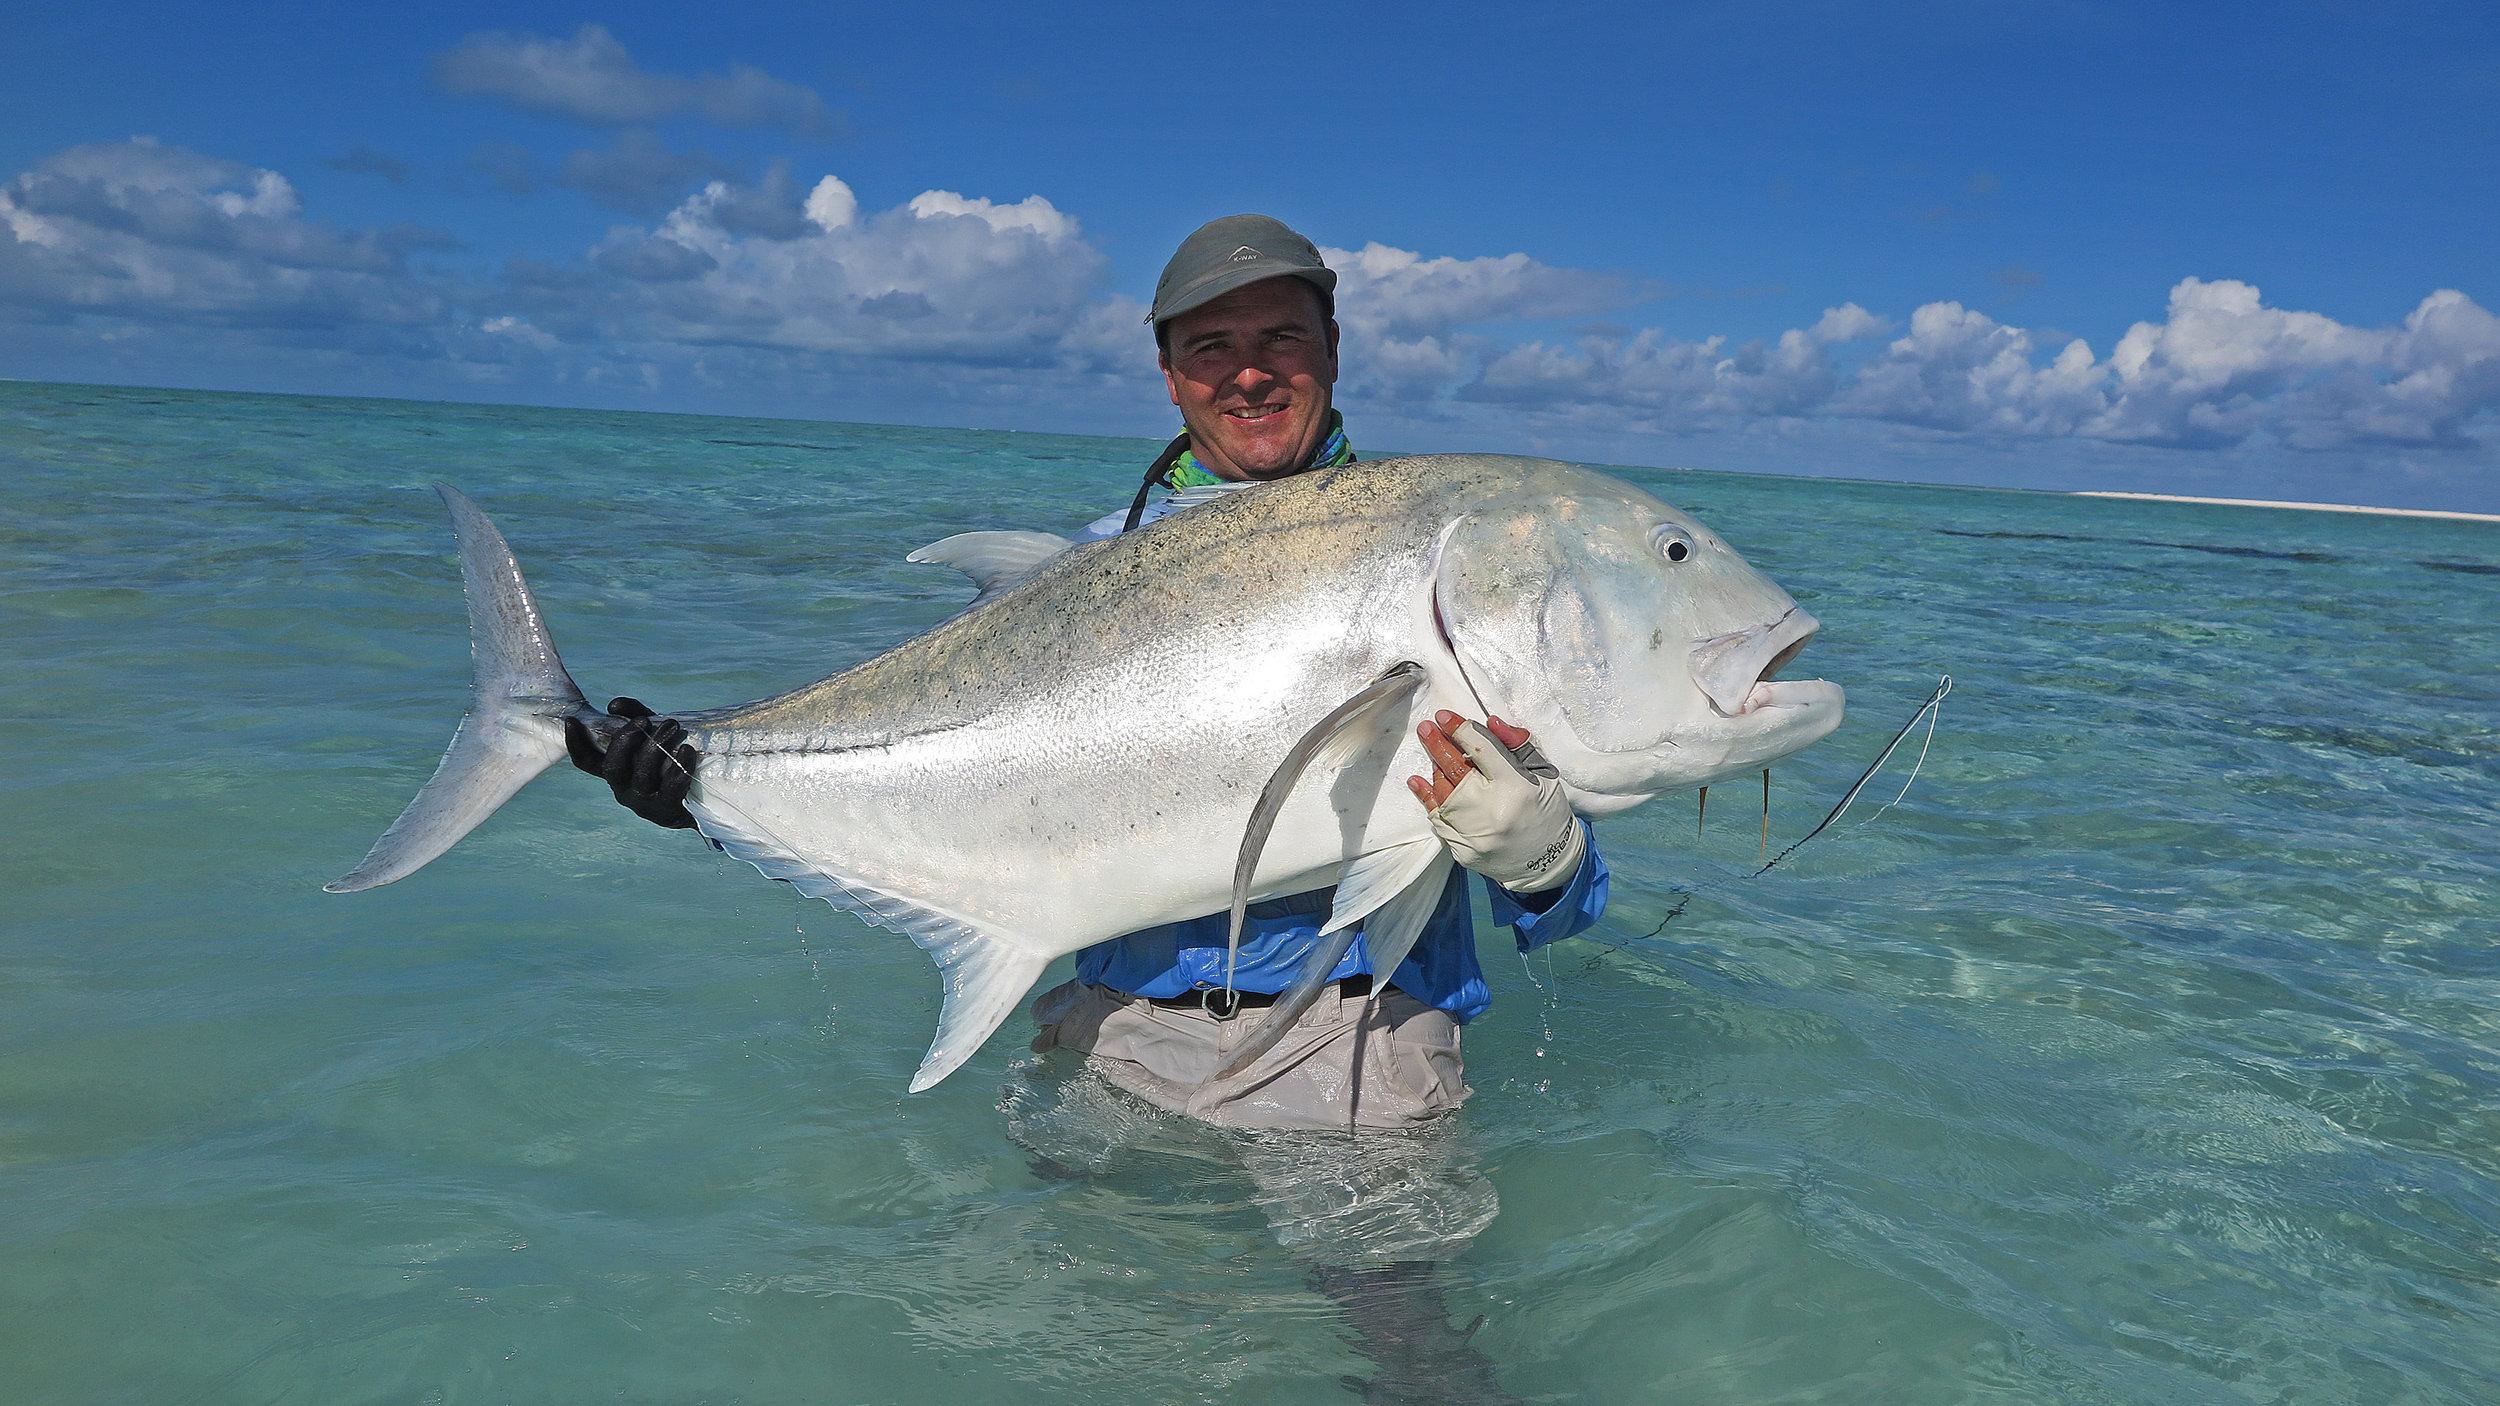 stb-fishing-16.jpg